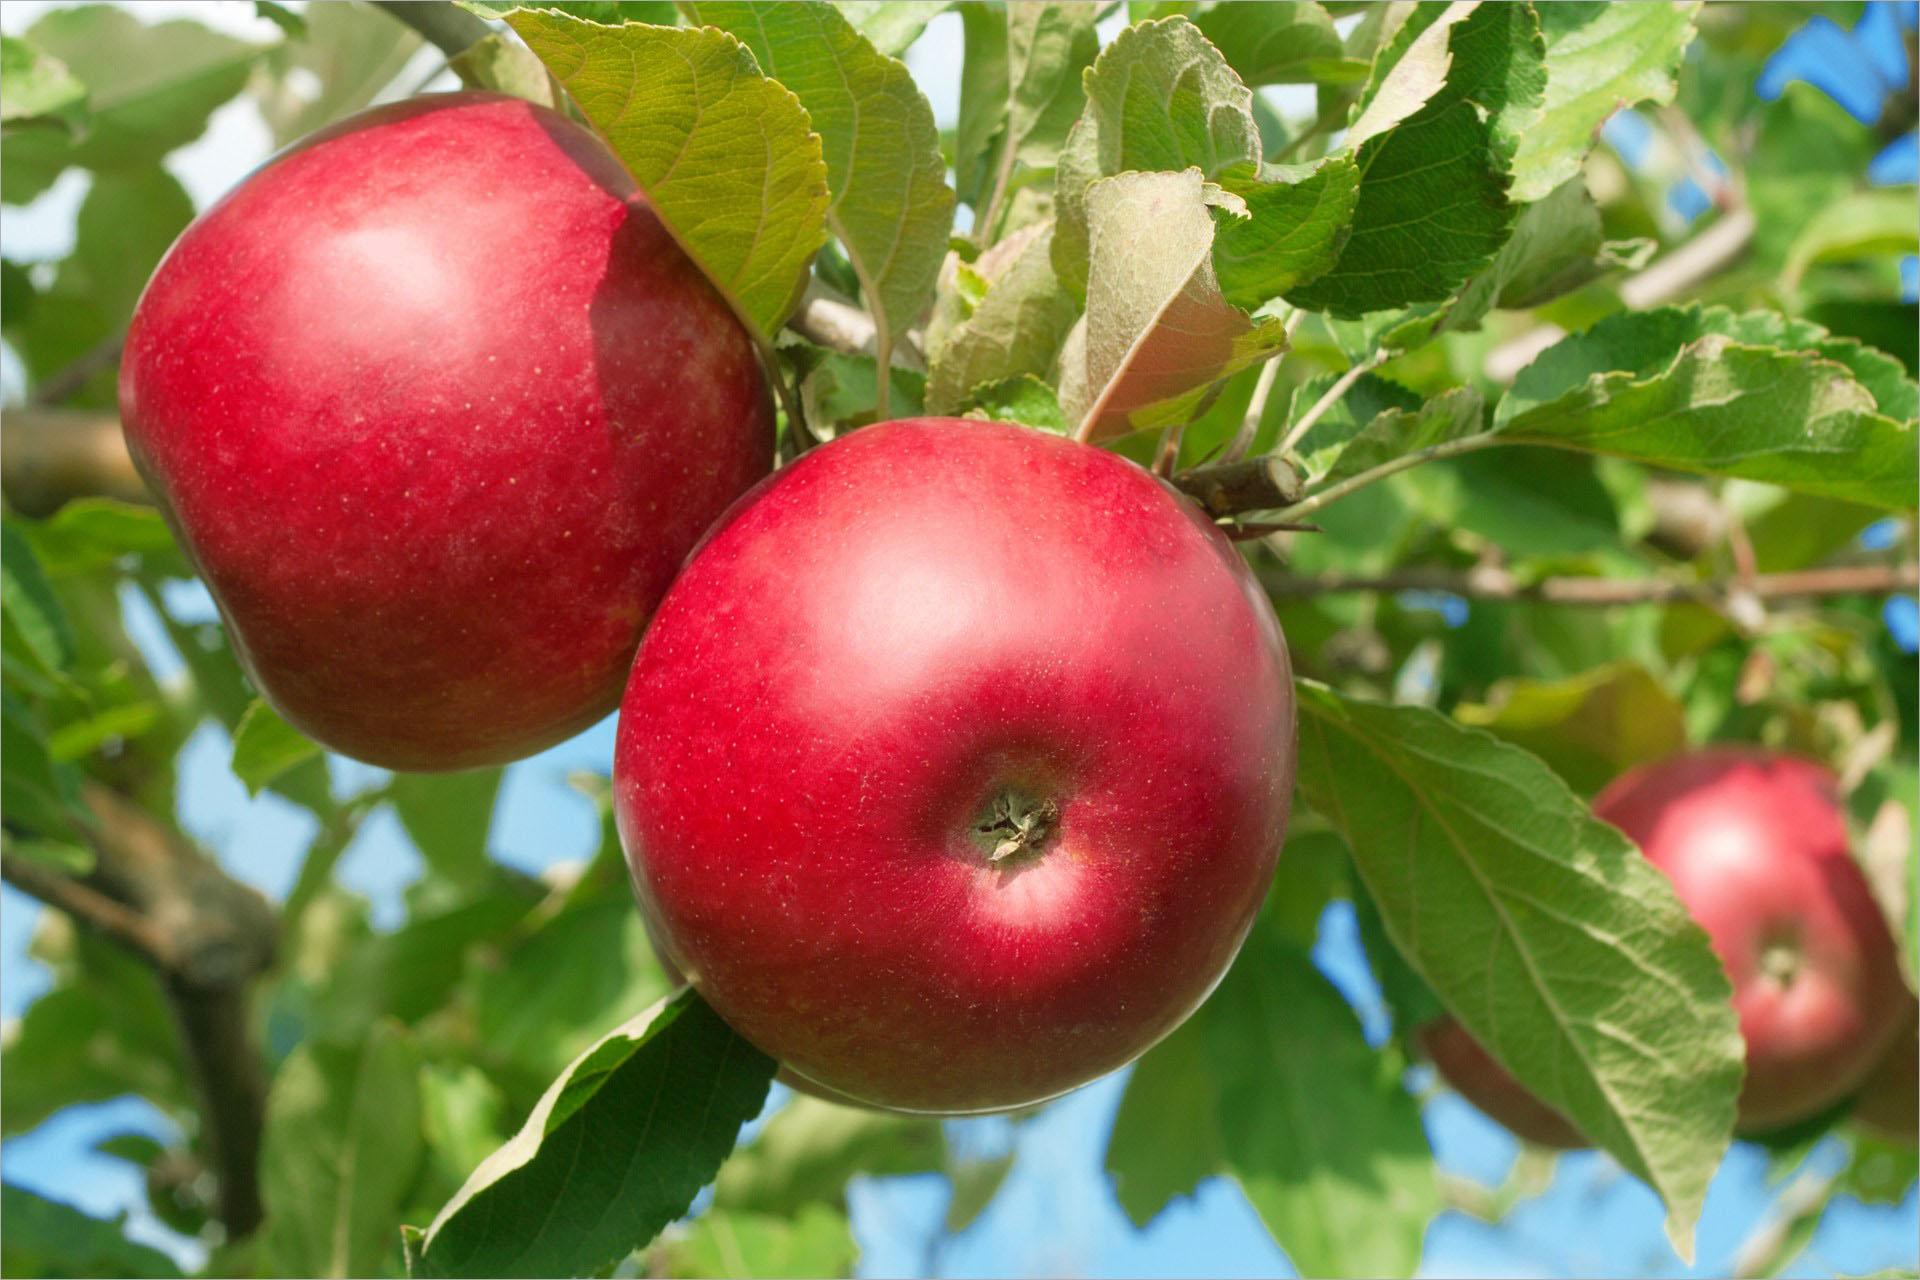 Làm thế nào để chọn được quả trái táo ngon? - 1